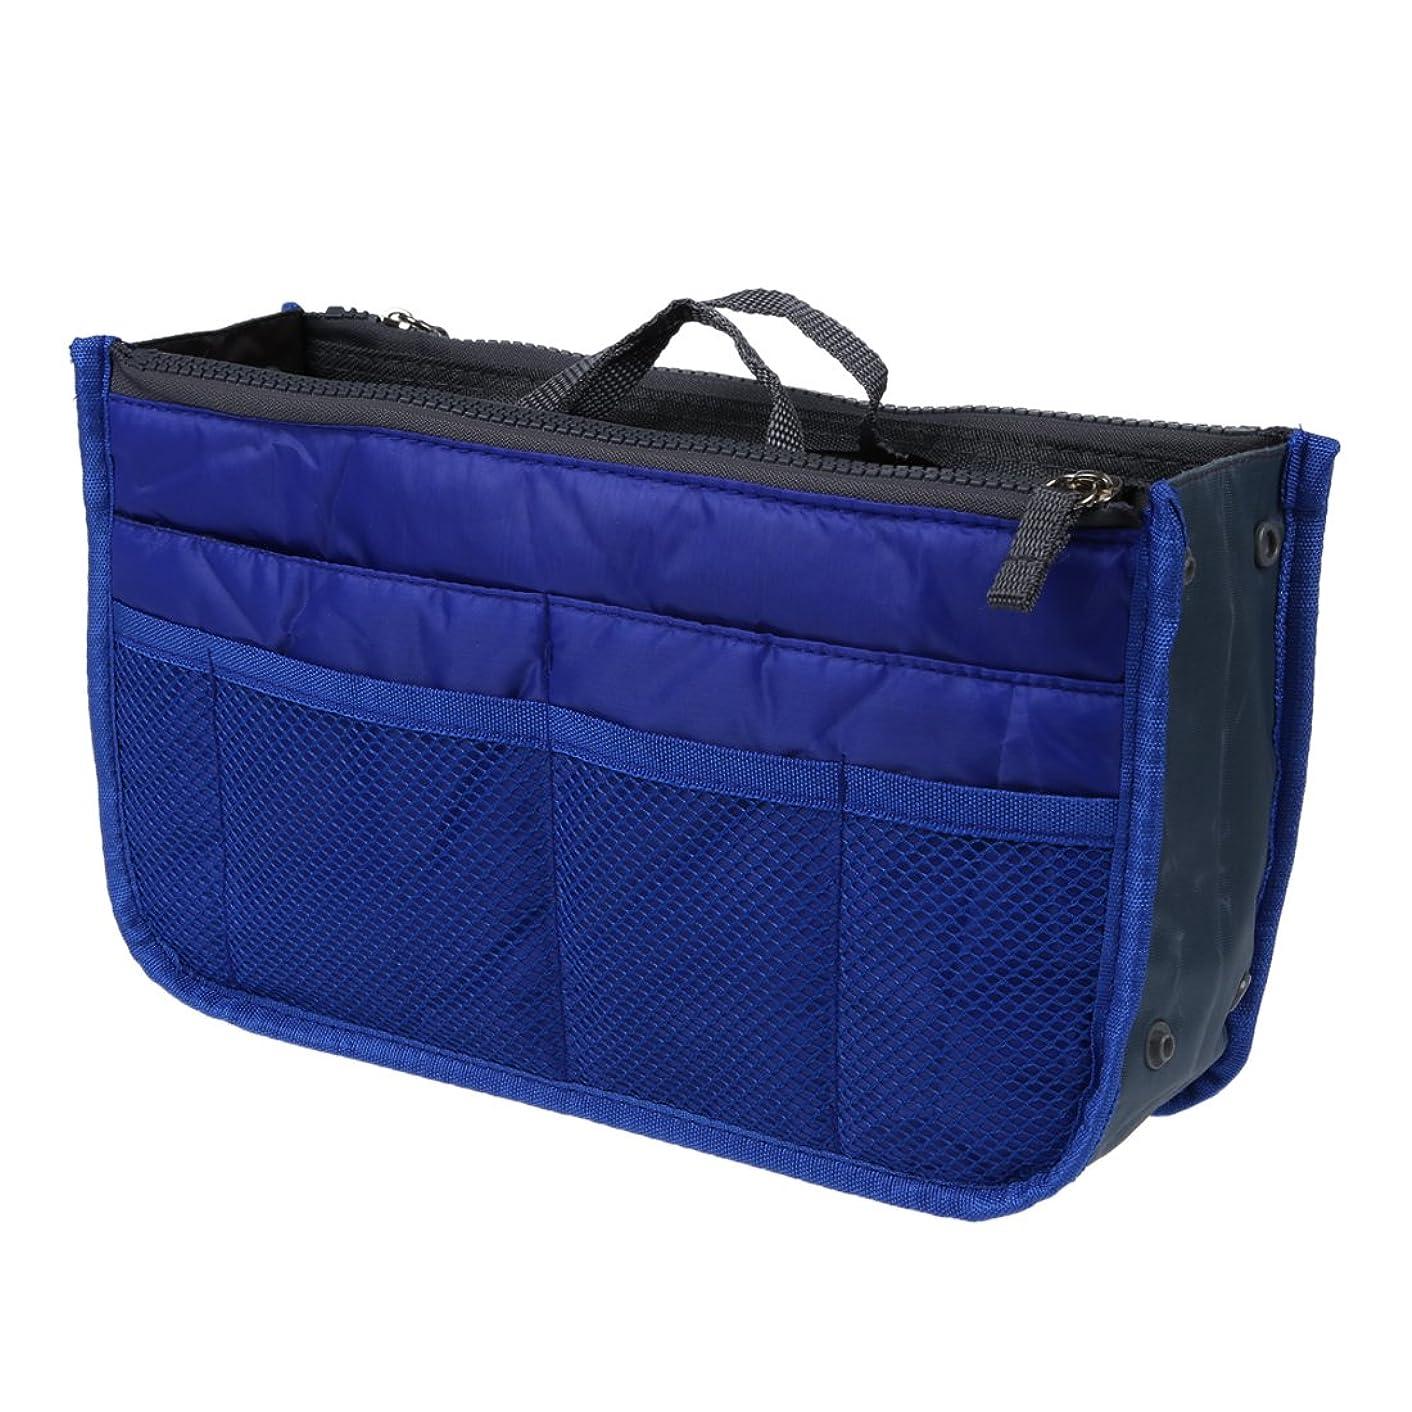 貯水池拘束対立ハンドバッグ,SODIAL(R)ナイロンハンドバッグ インサート 化粧品 ガジェット 財布(ネービー)